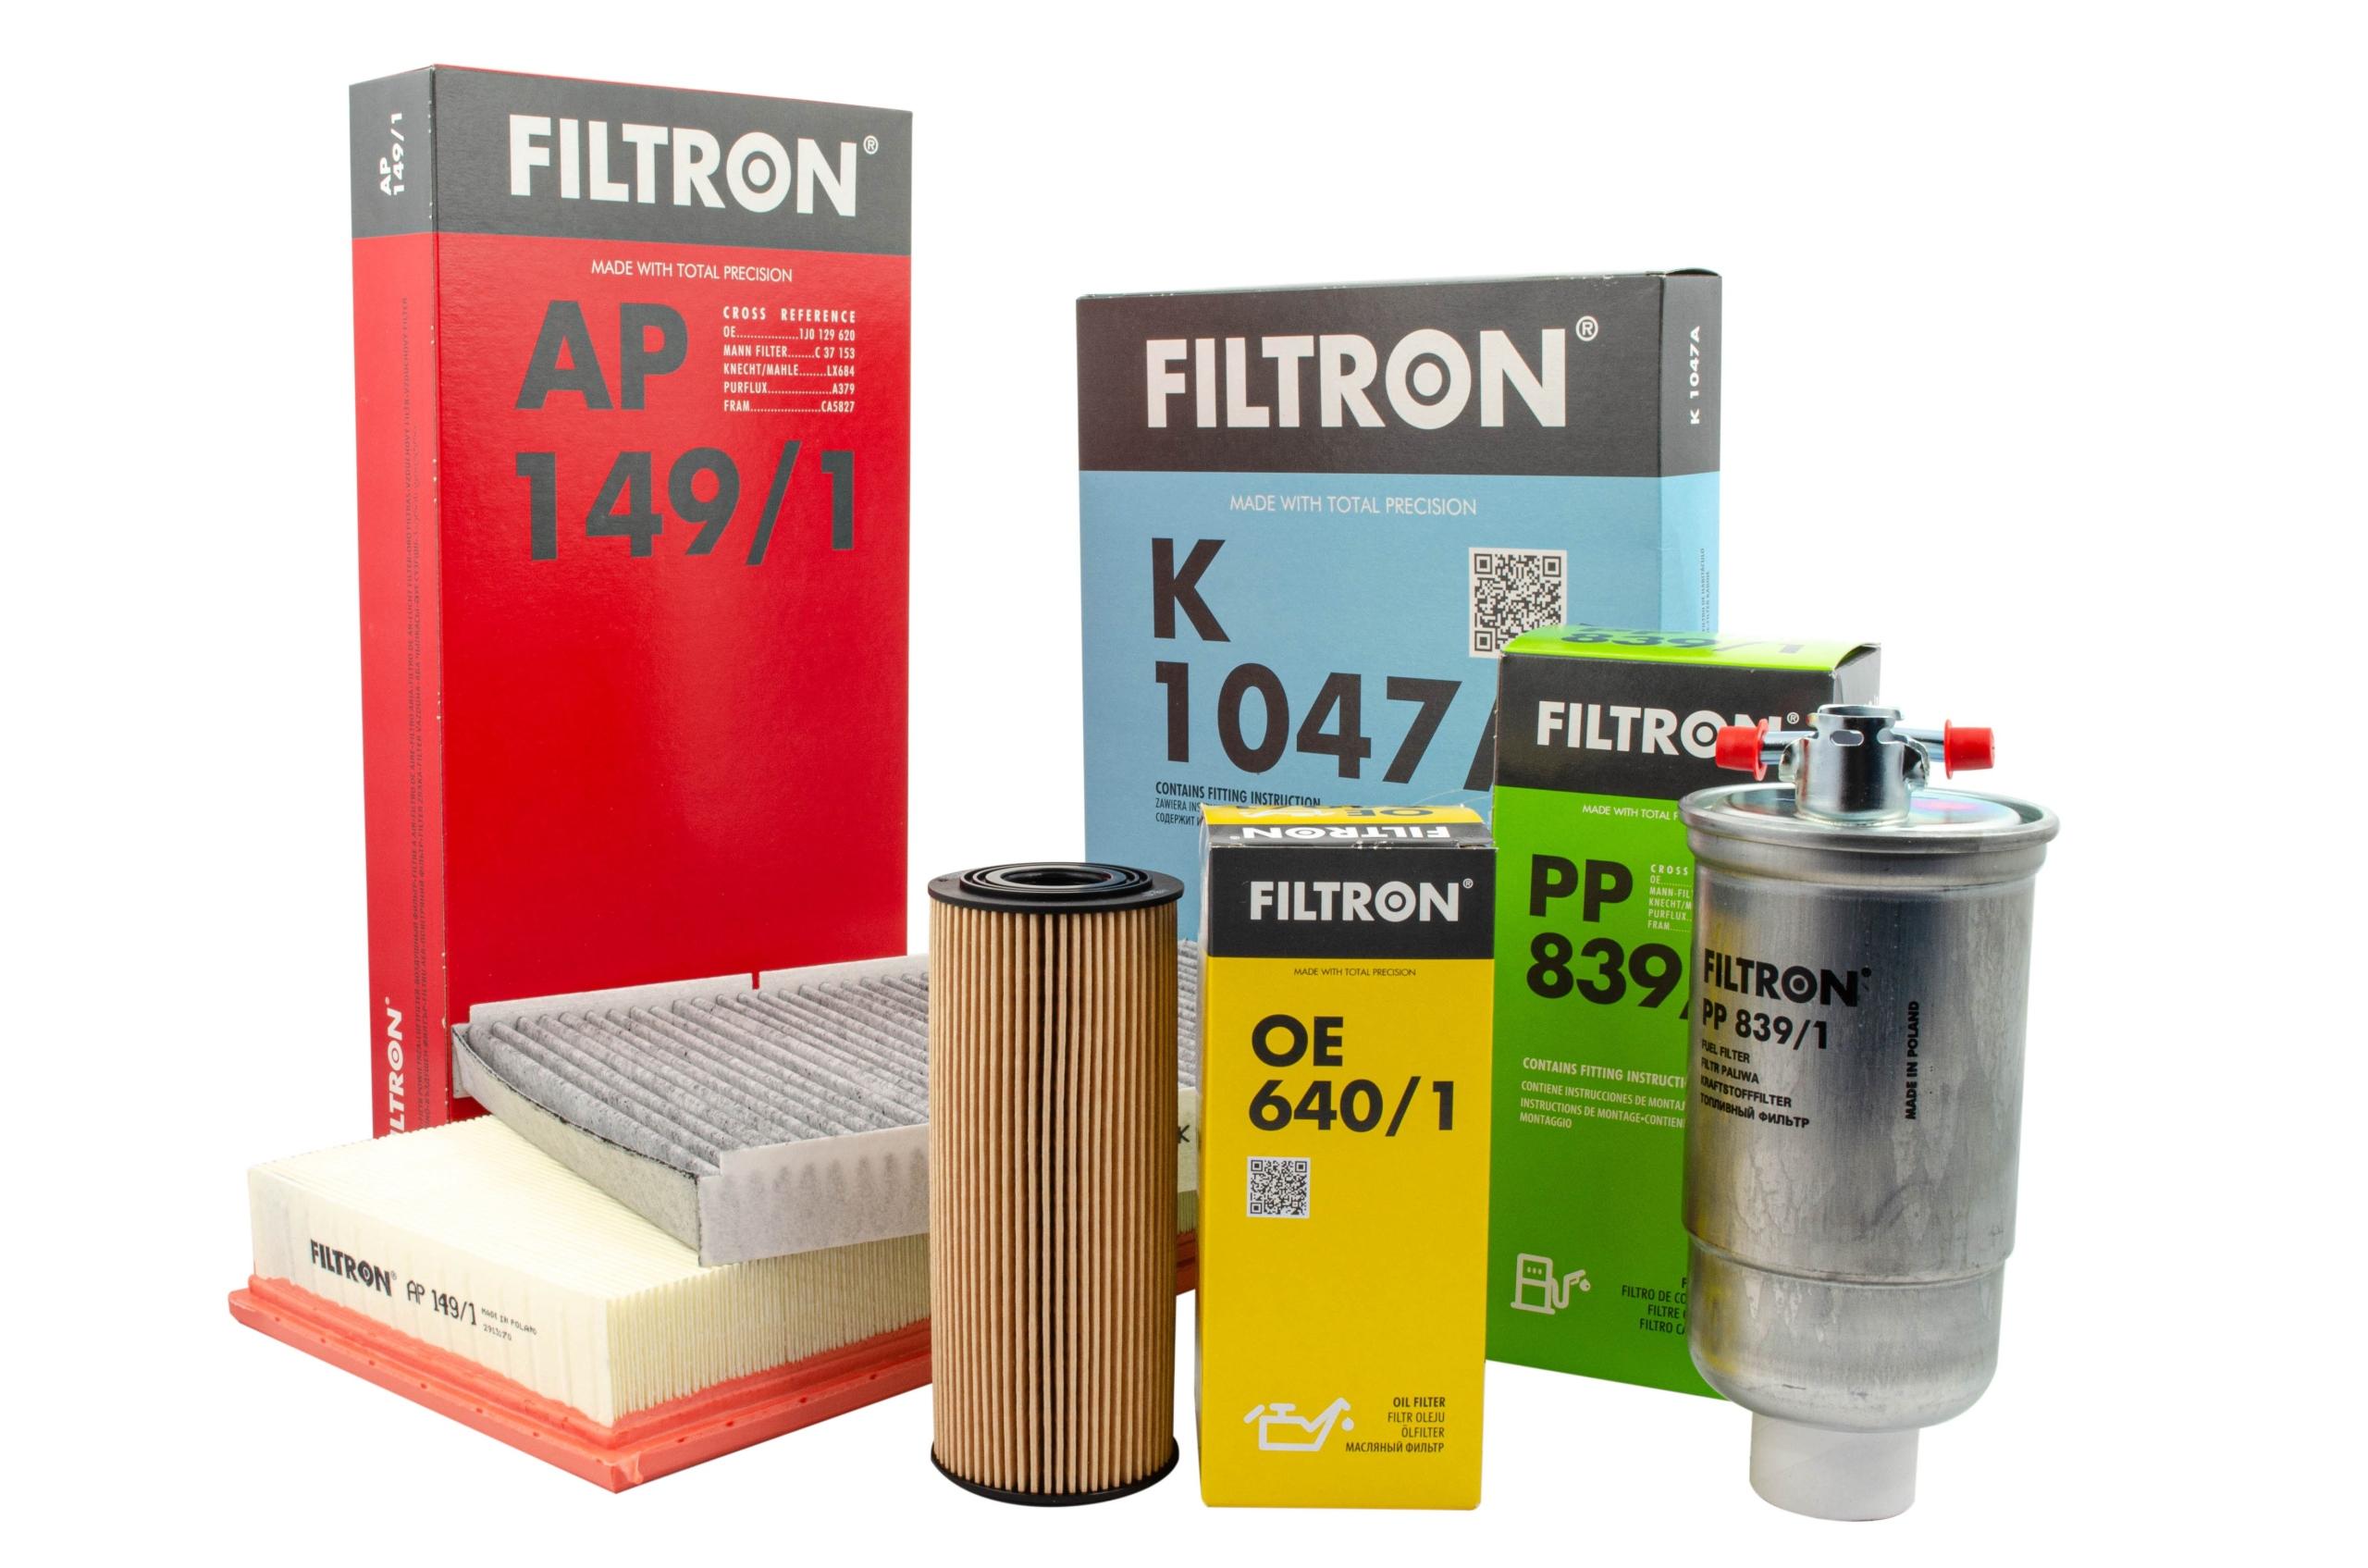 комплект фильтры гольф iv бора audi a3 19tdi filtron